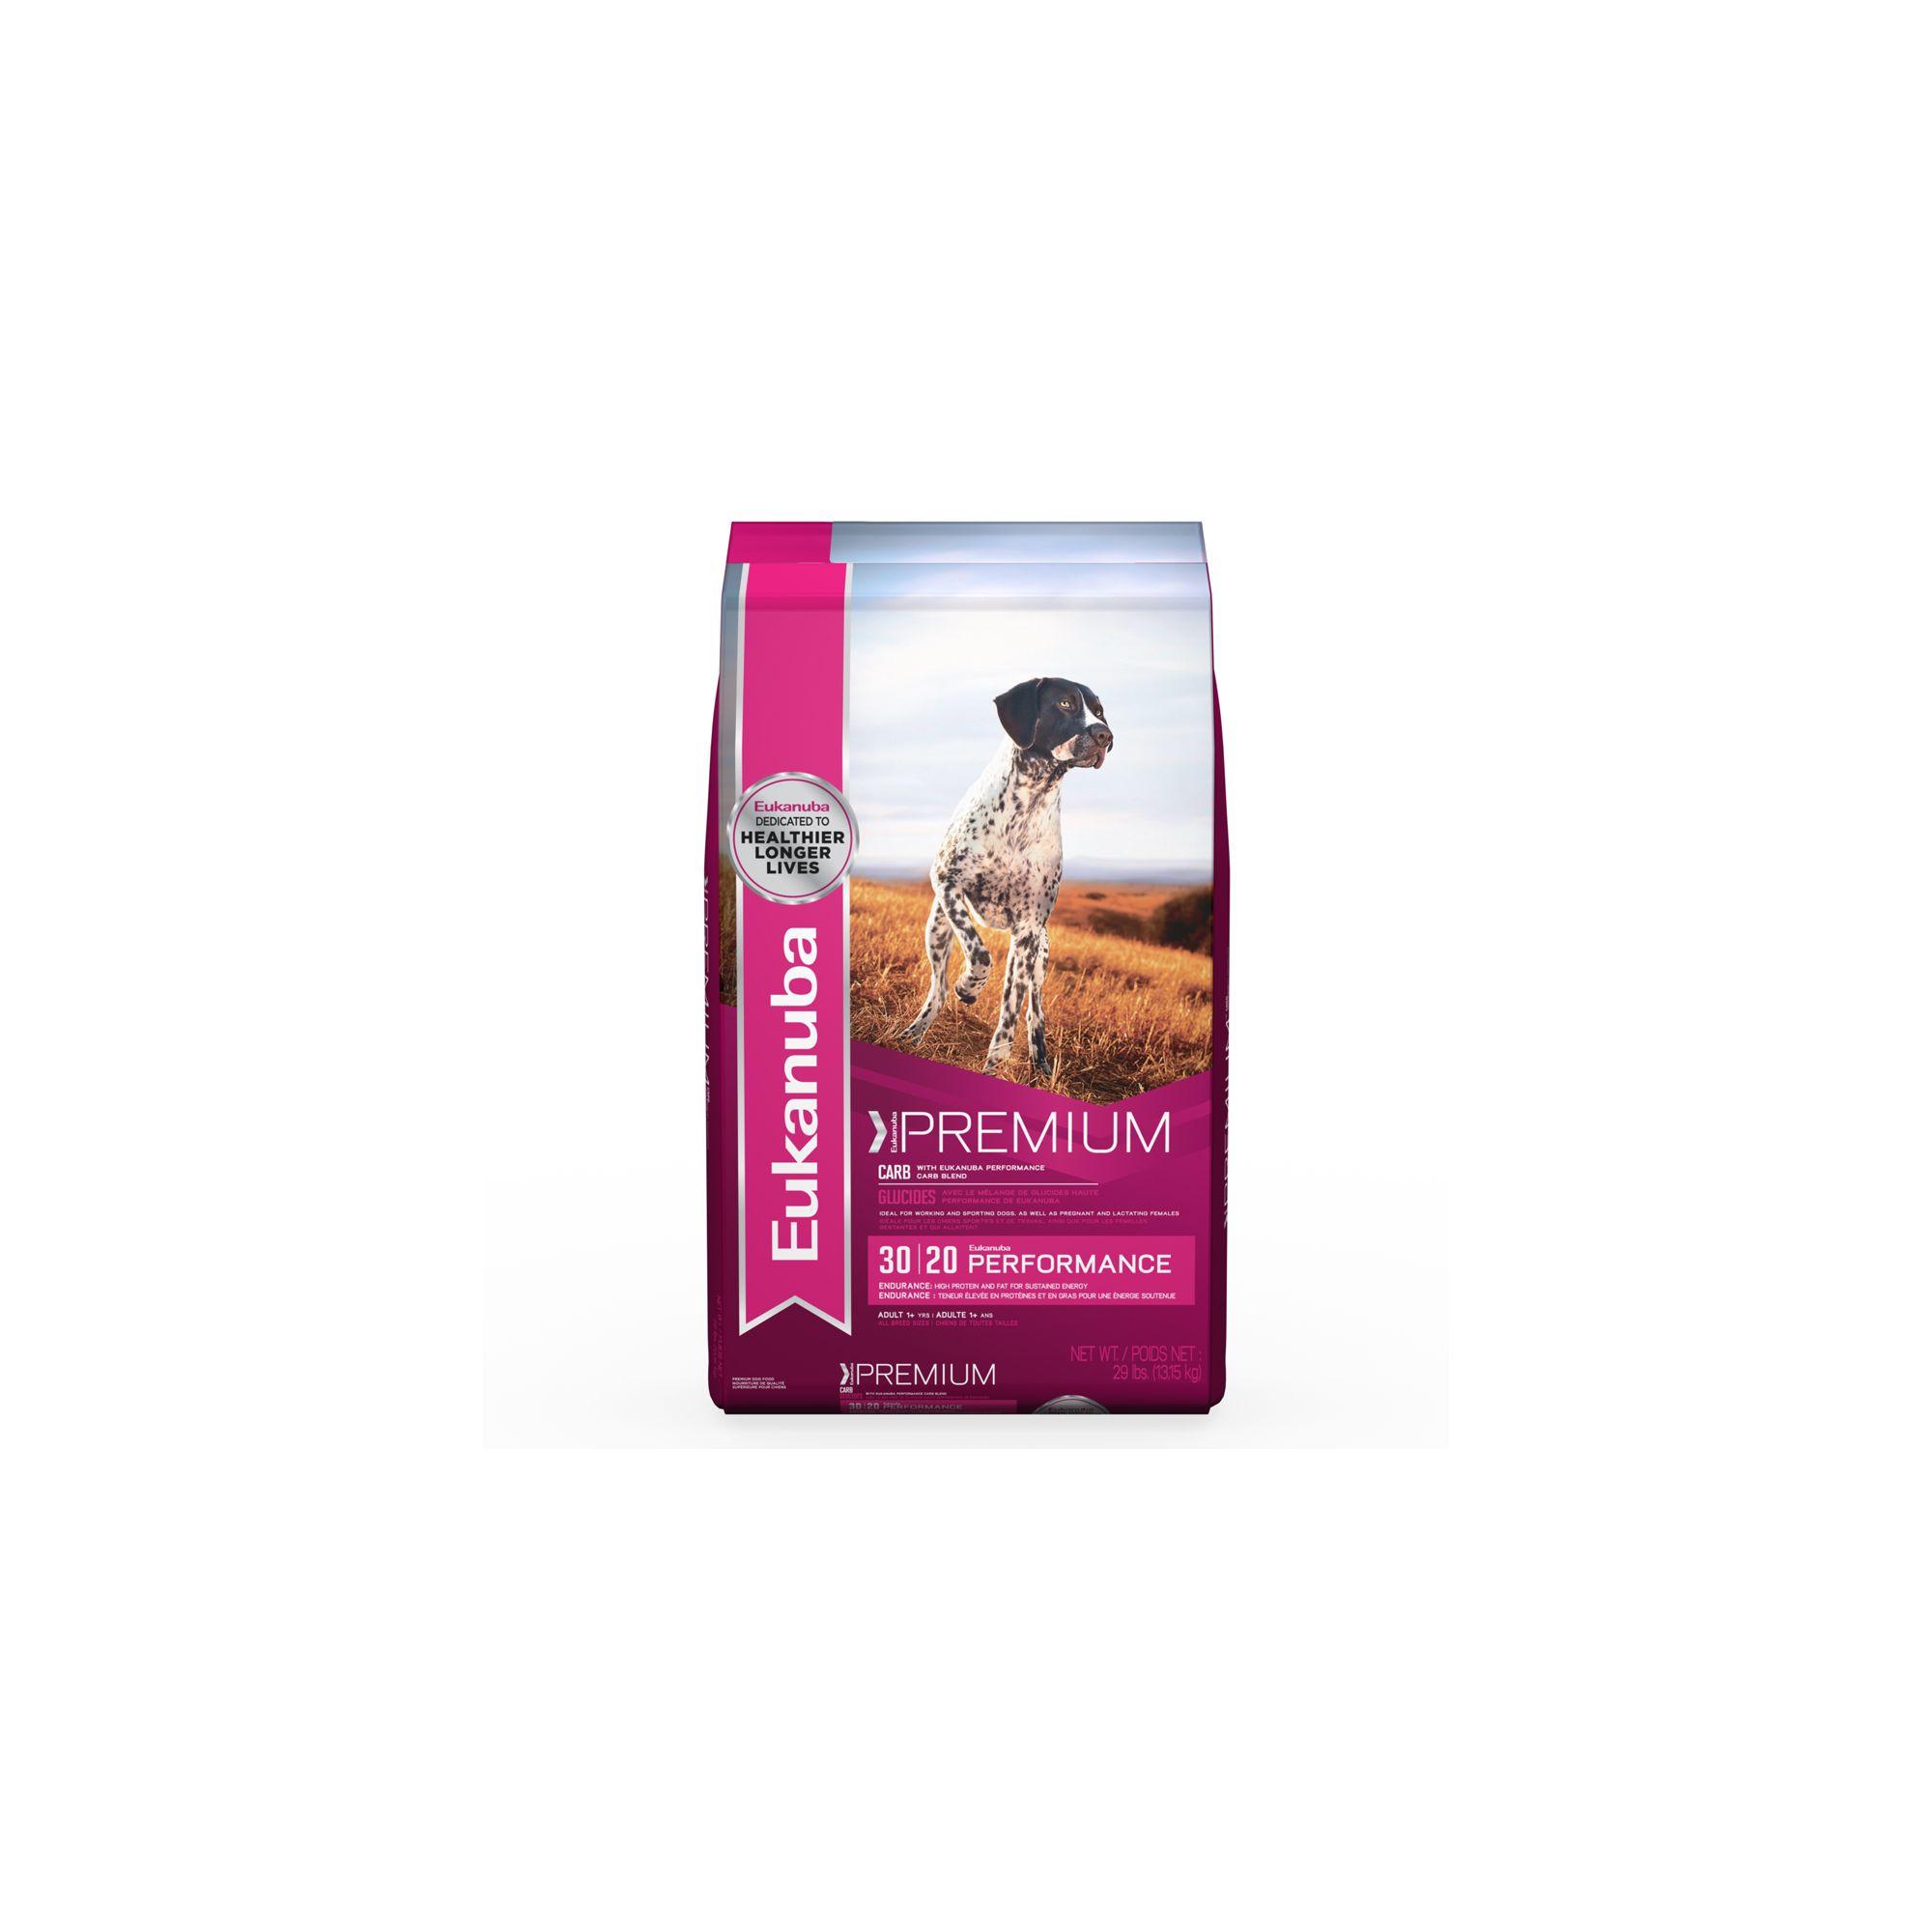 Eukanuba Premium Performance Adult Dog Food